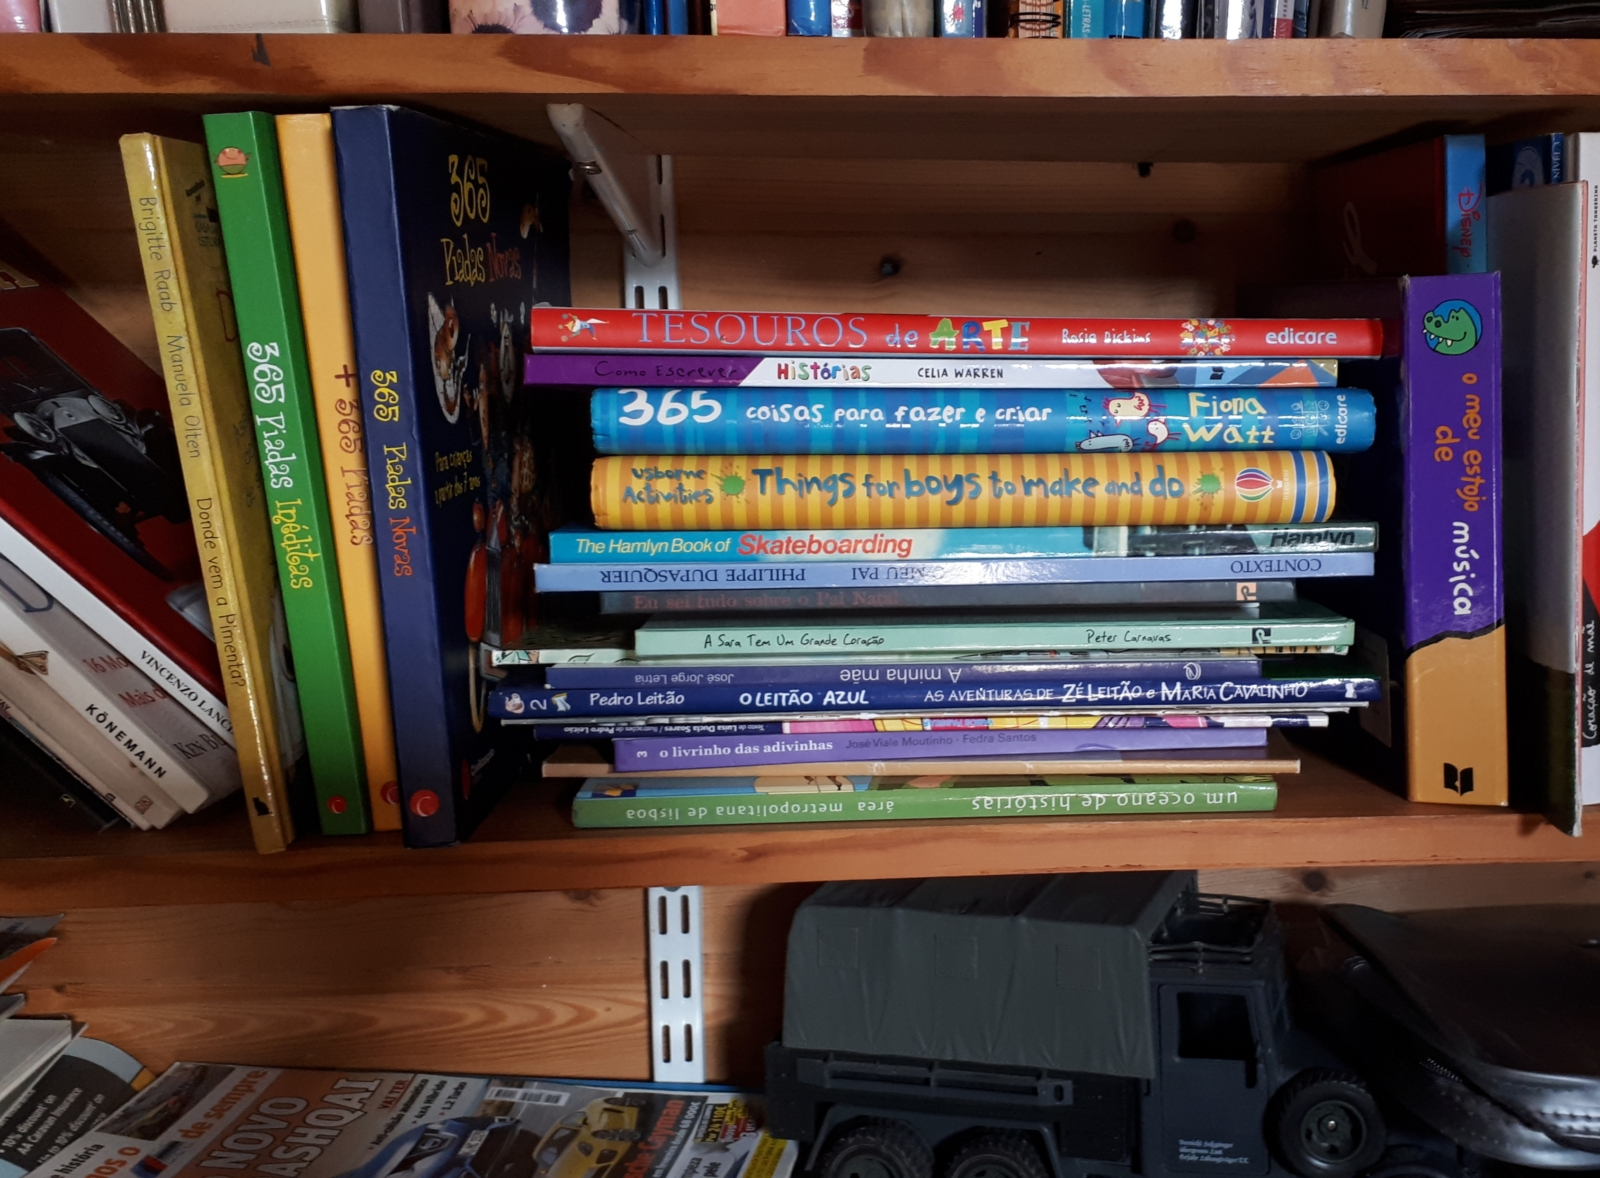 Pormenor de estante com muitos livros